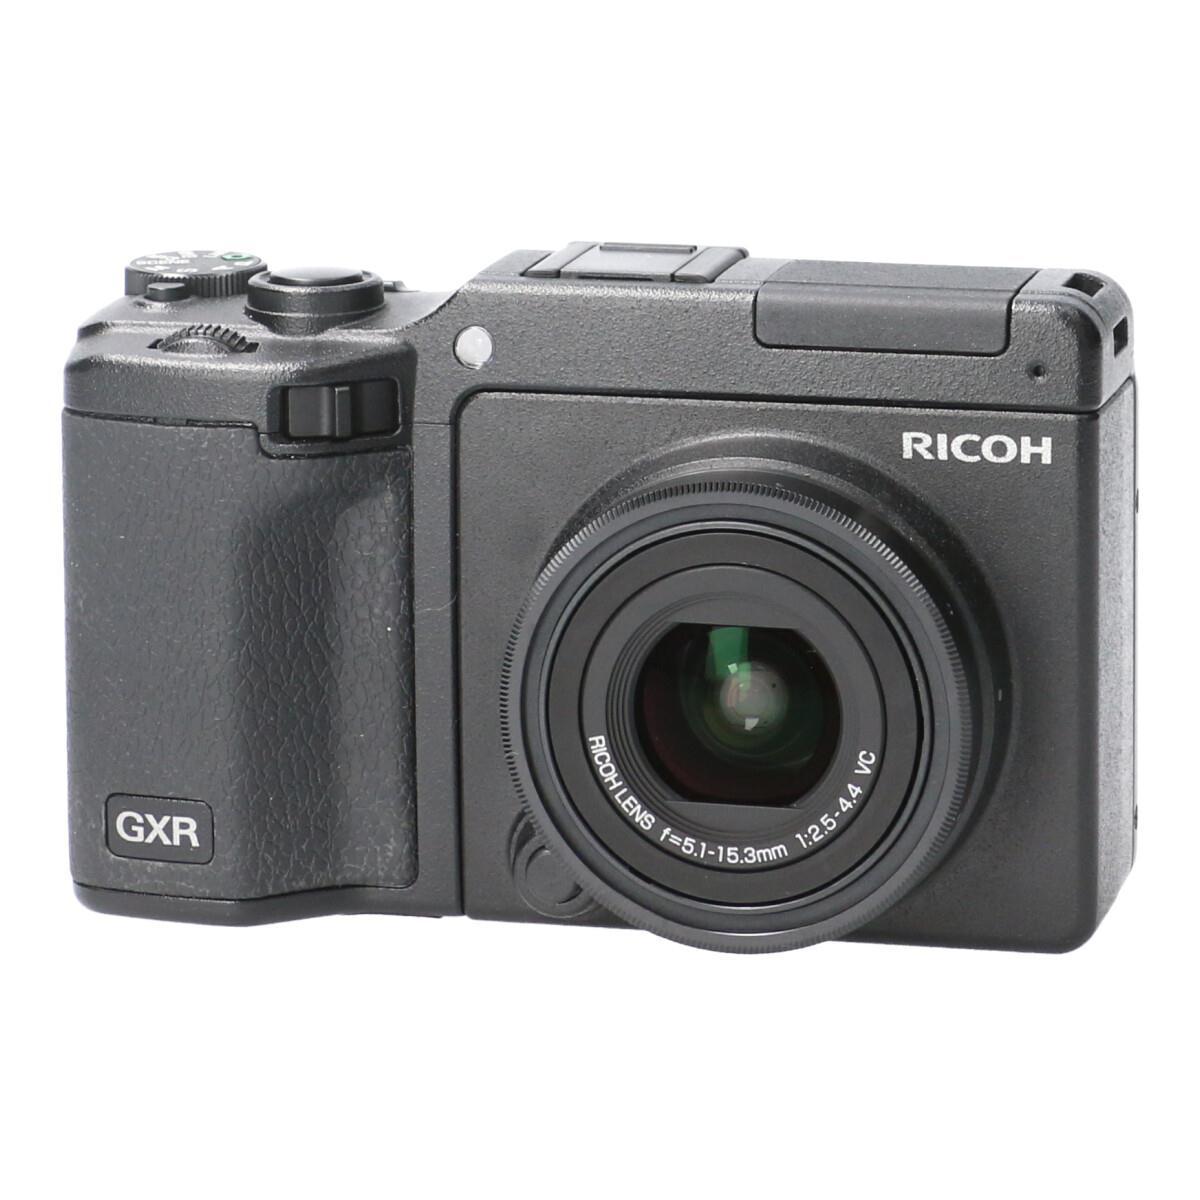 RICOH GXR+S10 24?72